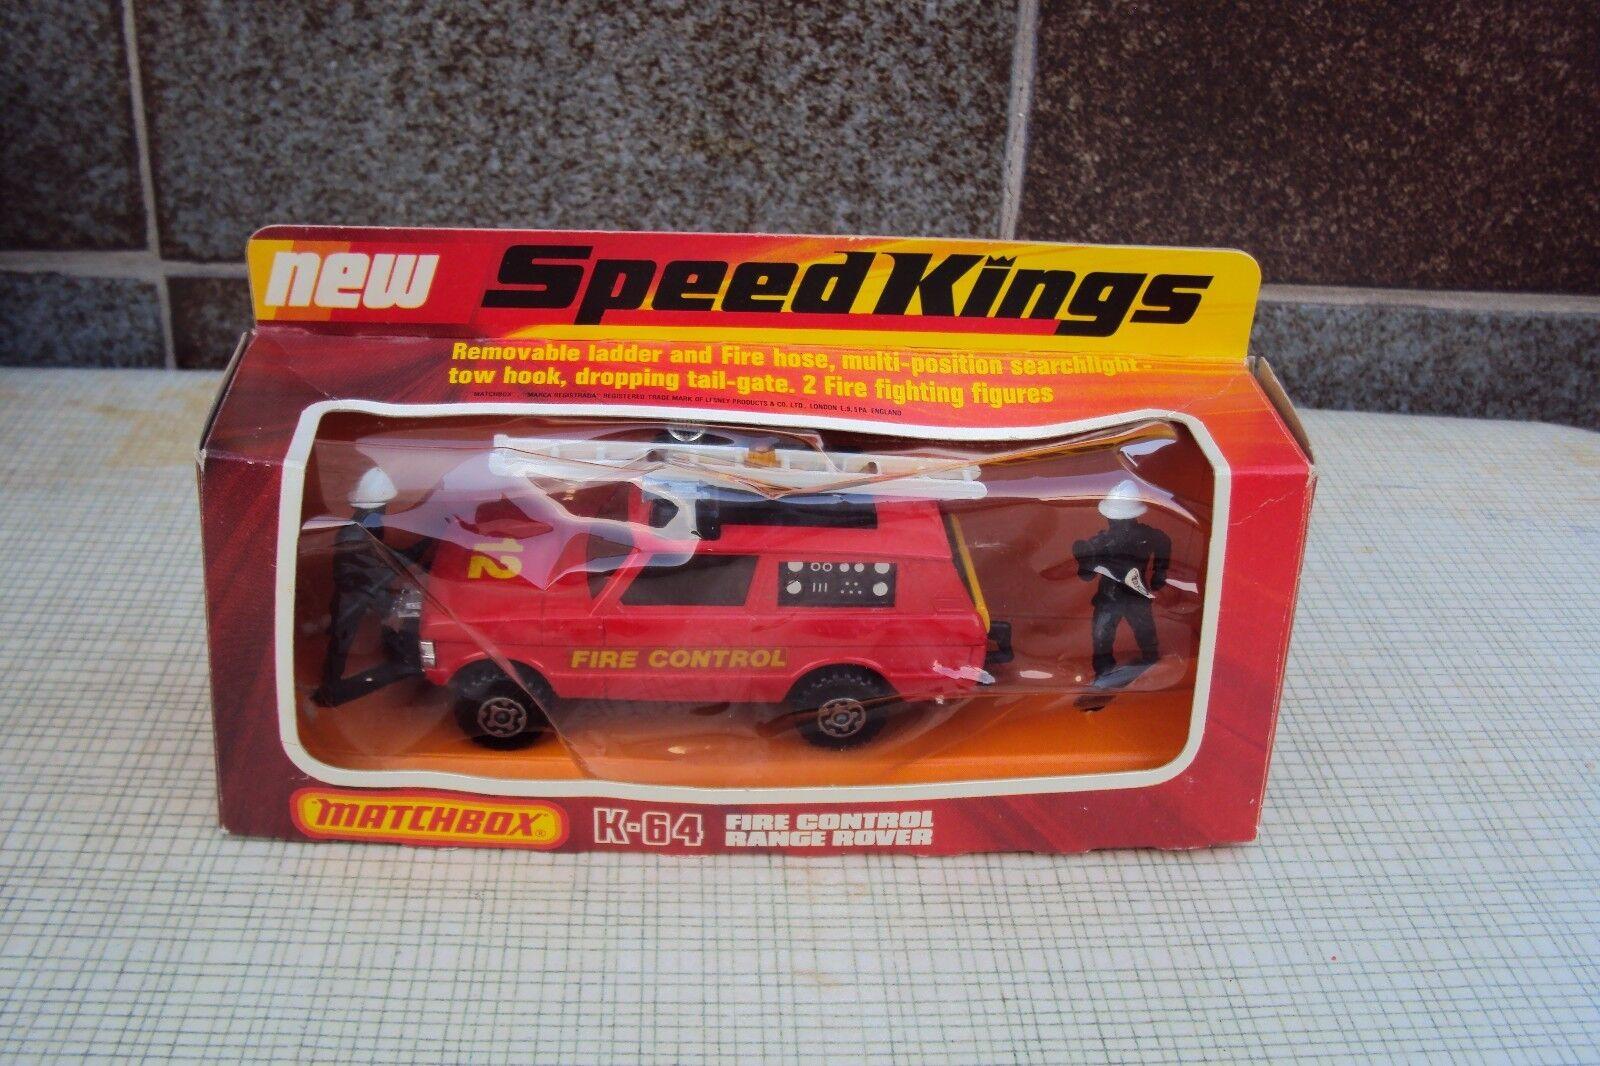 MATCHBOX SUPERKINGS SPEEDKINGS K-64 von FIRE CONTROL RANGE ROVER  von K-64 1976 f6369c